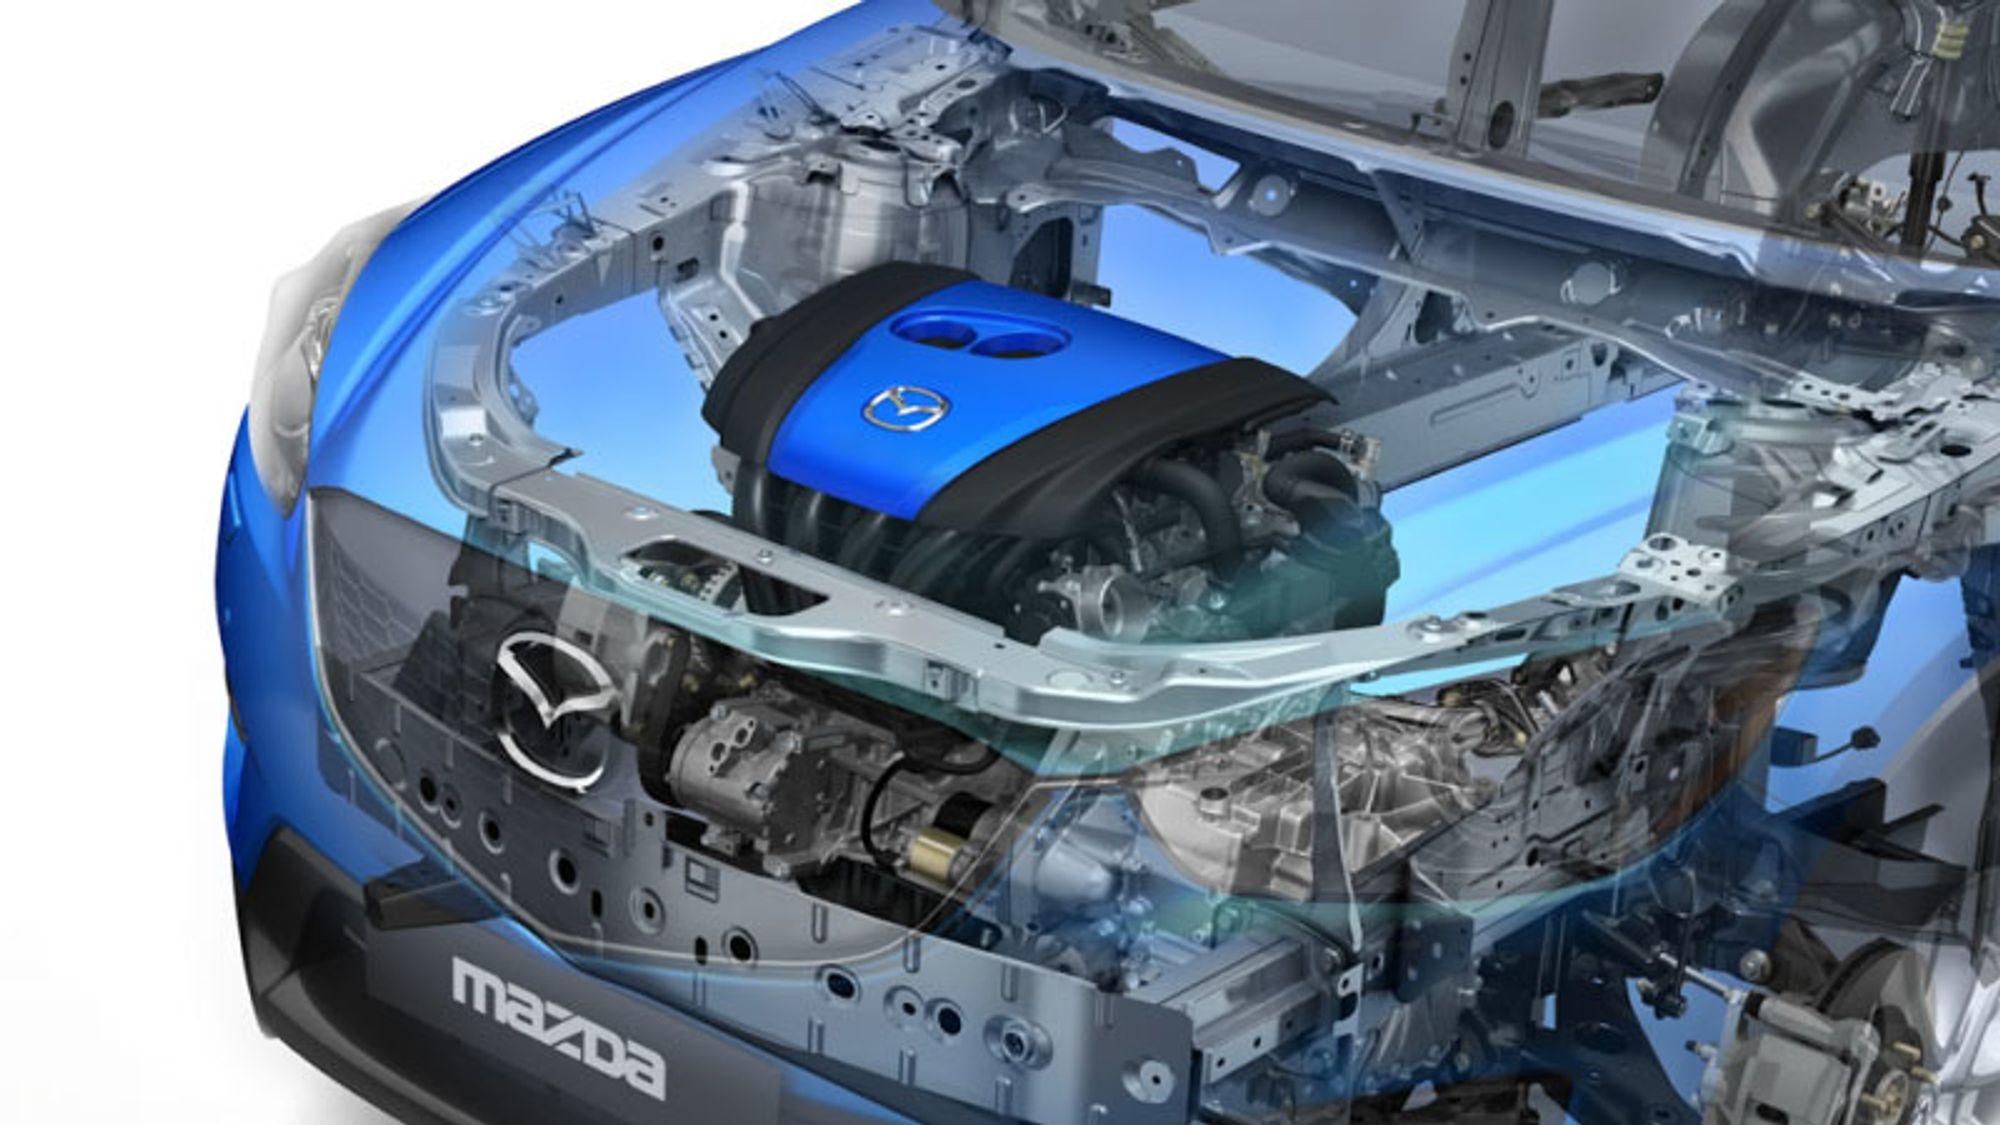 Planene til Mazda innebærer at bensinmotorene vil bli mer effektive enn produsentens dieselmotorer.